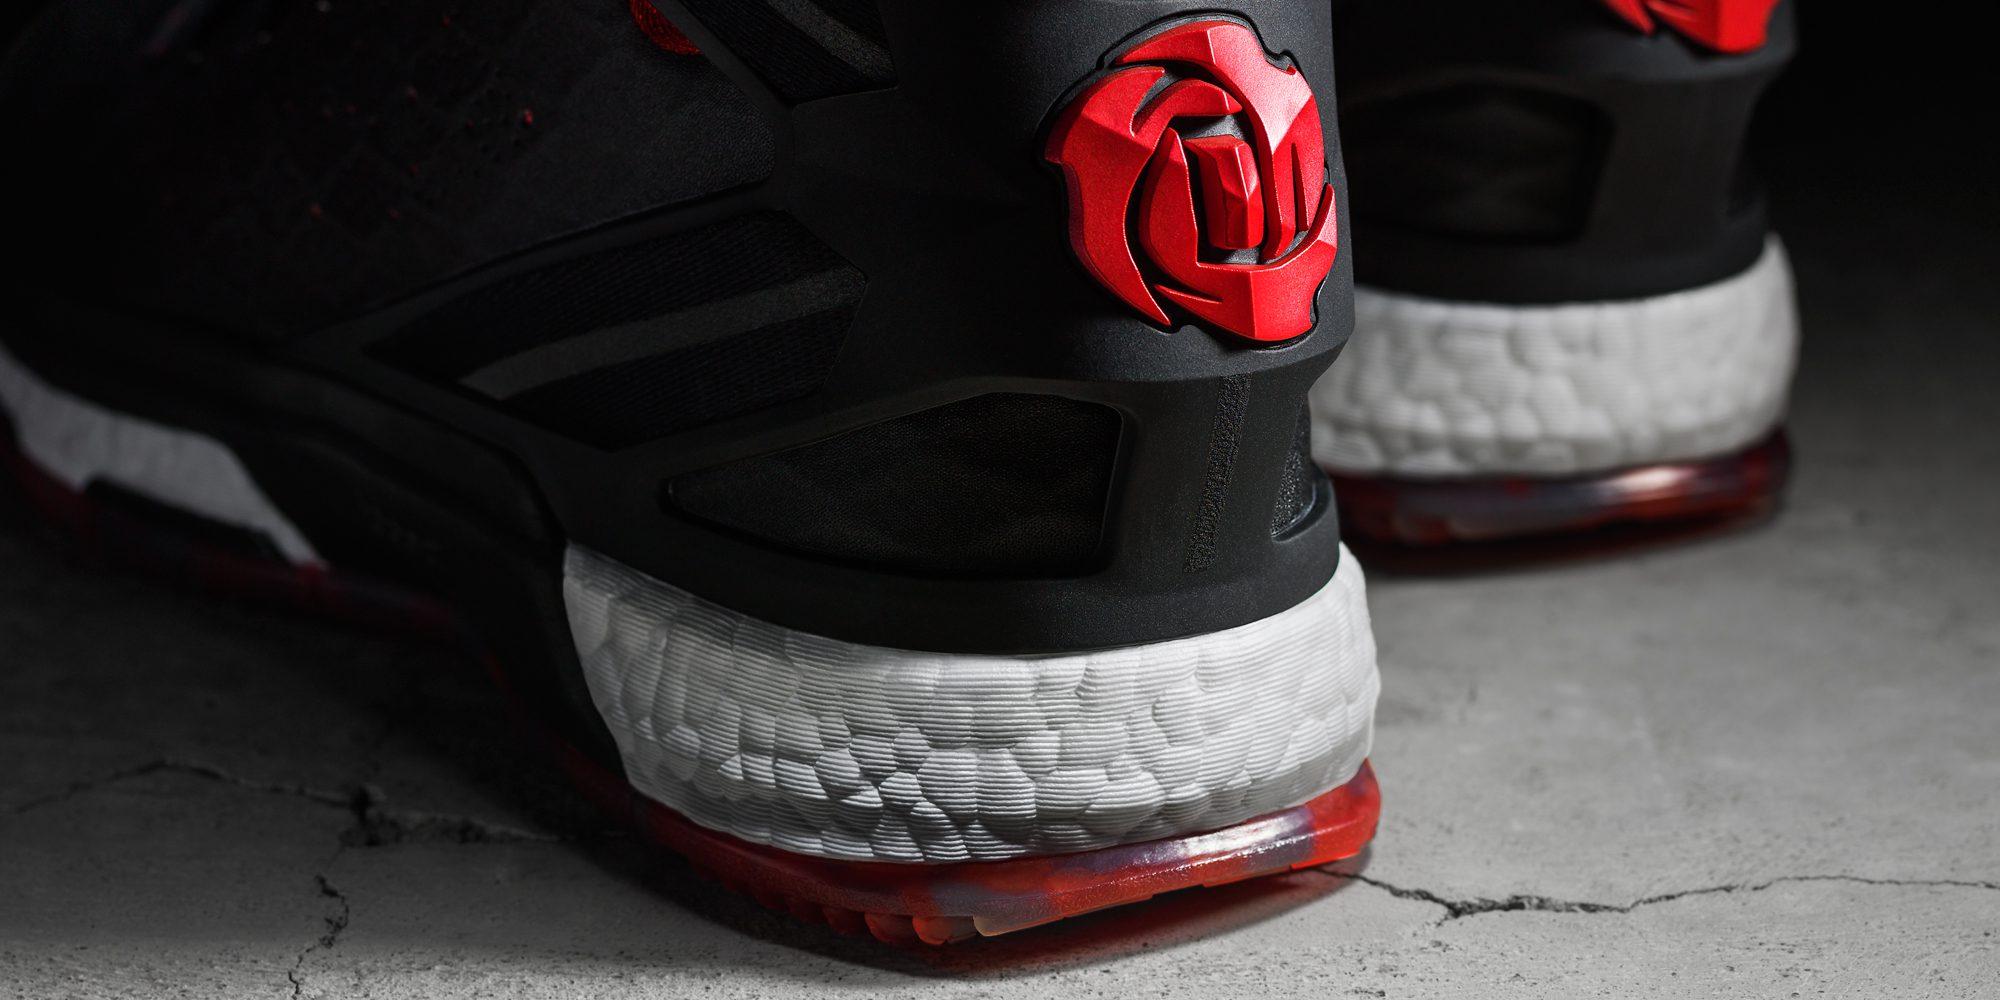 adidas derrick rose low cut